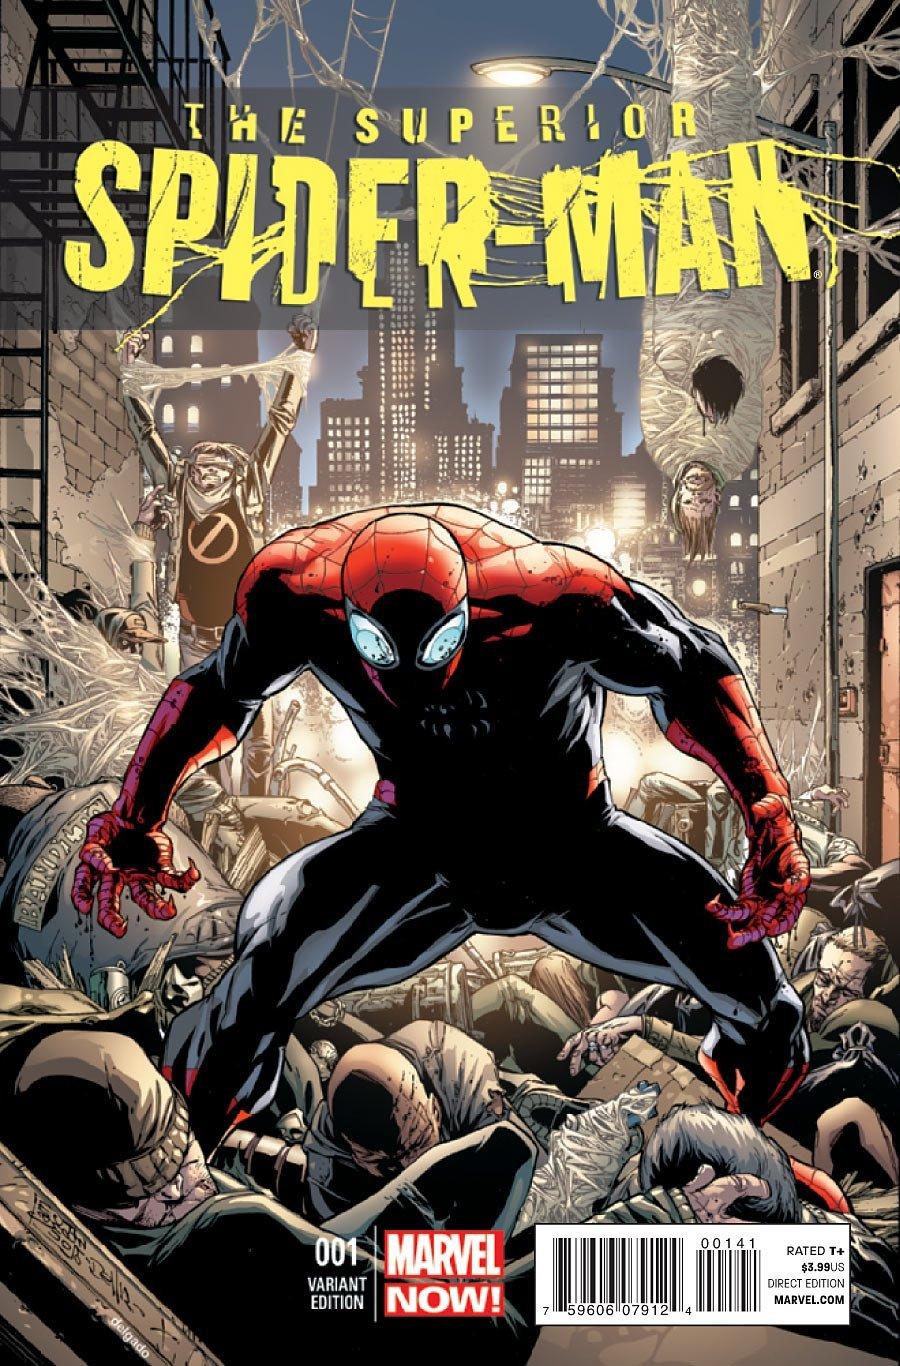 Superior spiderman : comment changer radicalement un personnage et conserver son lectorat #2